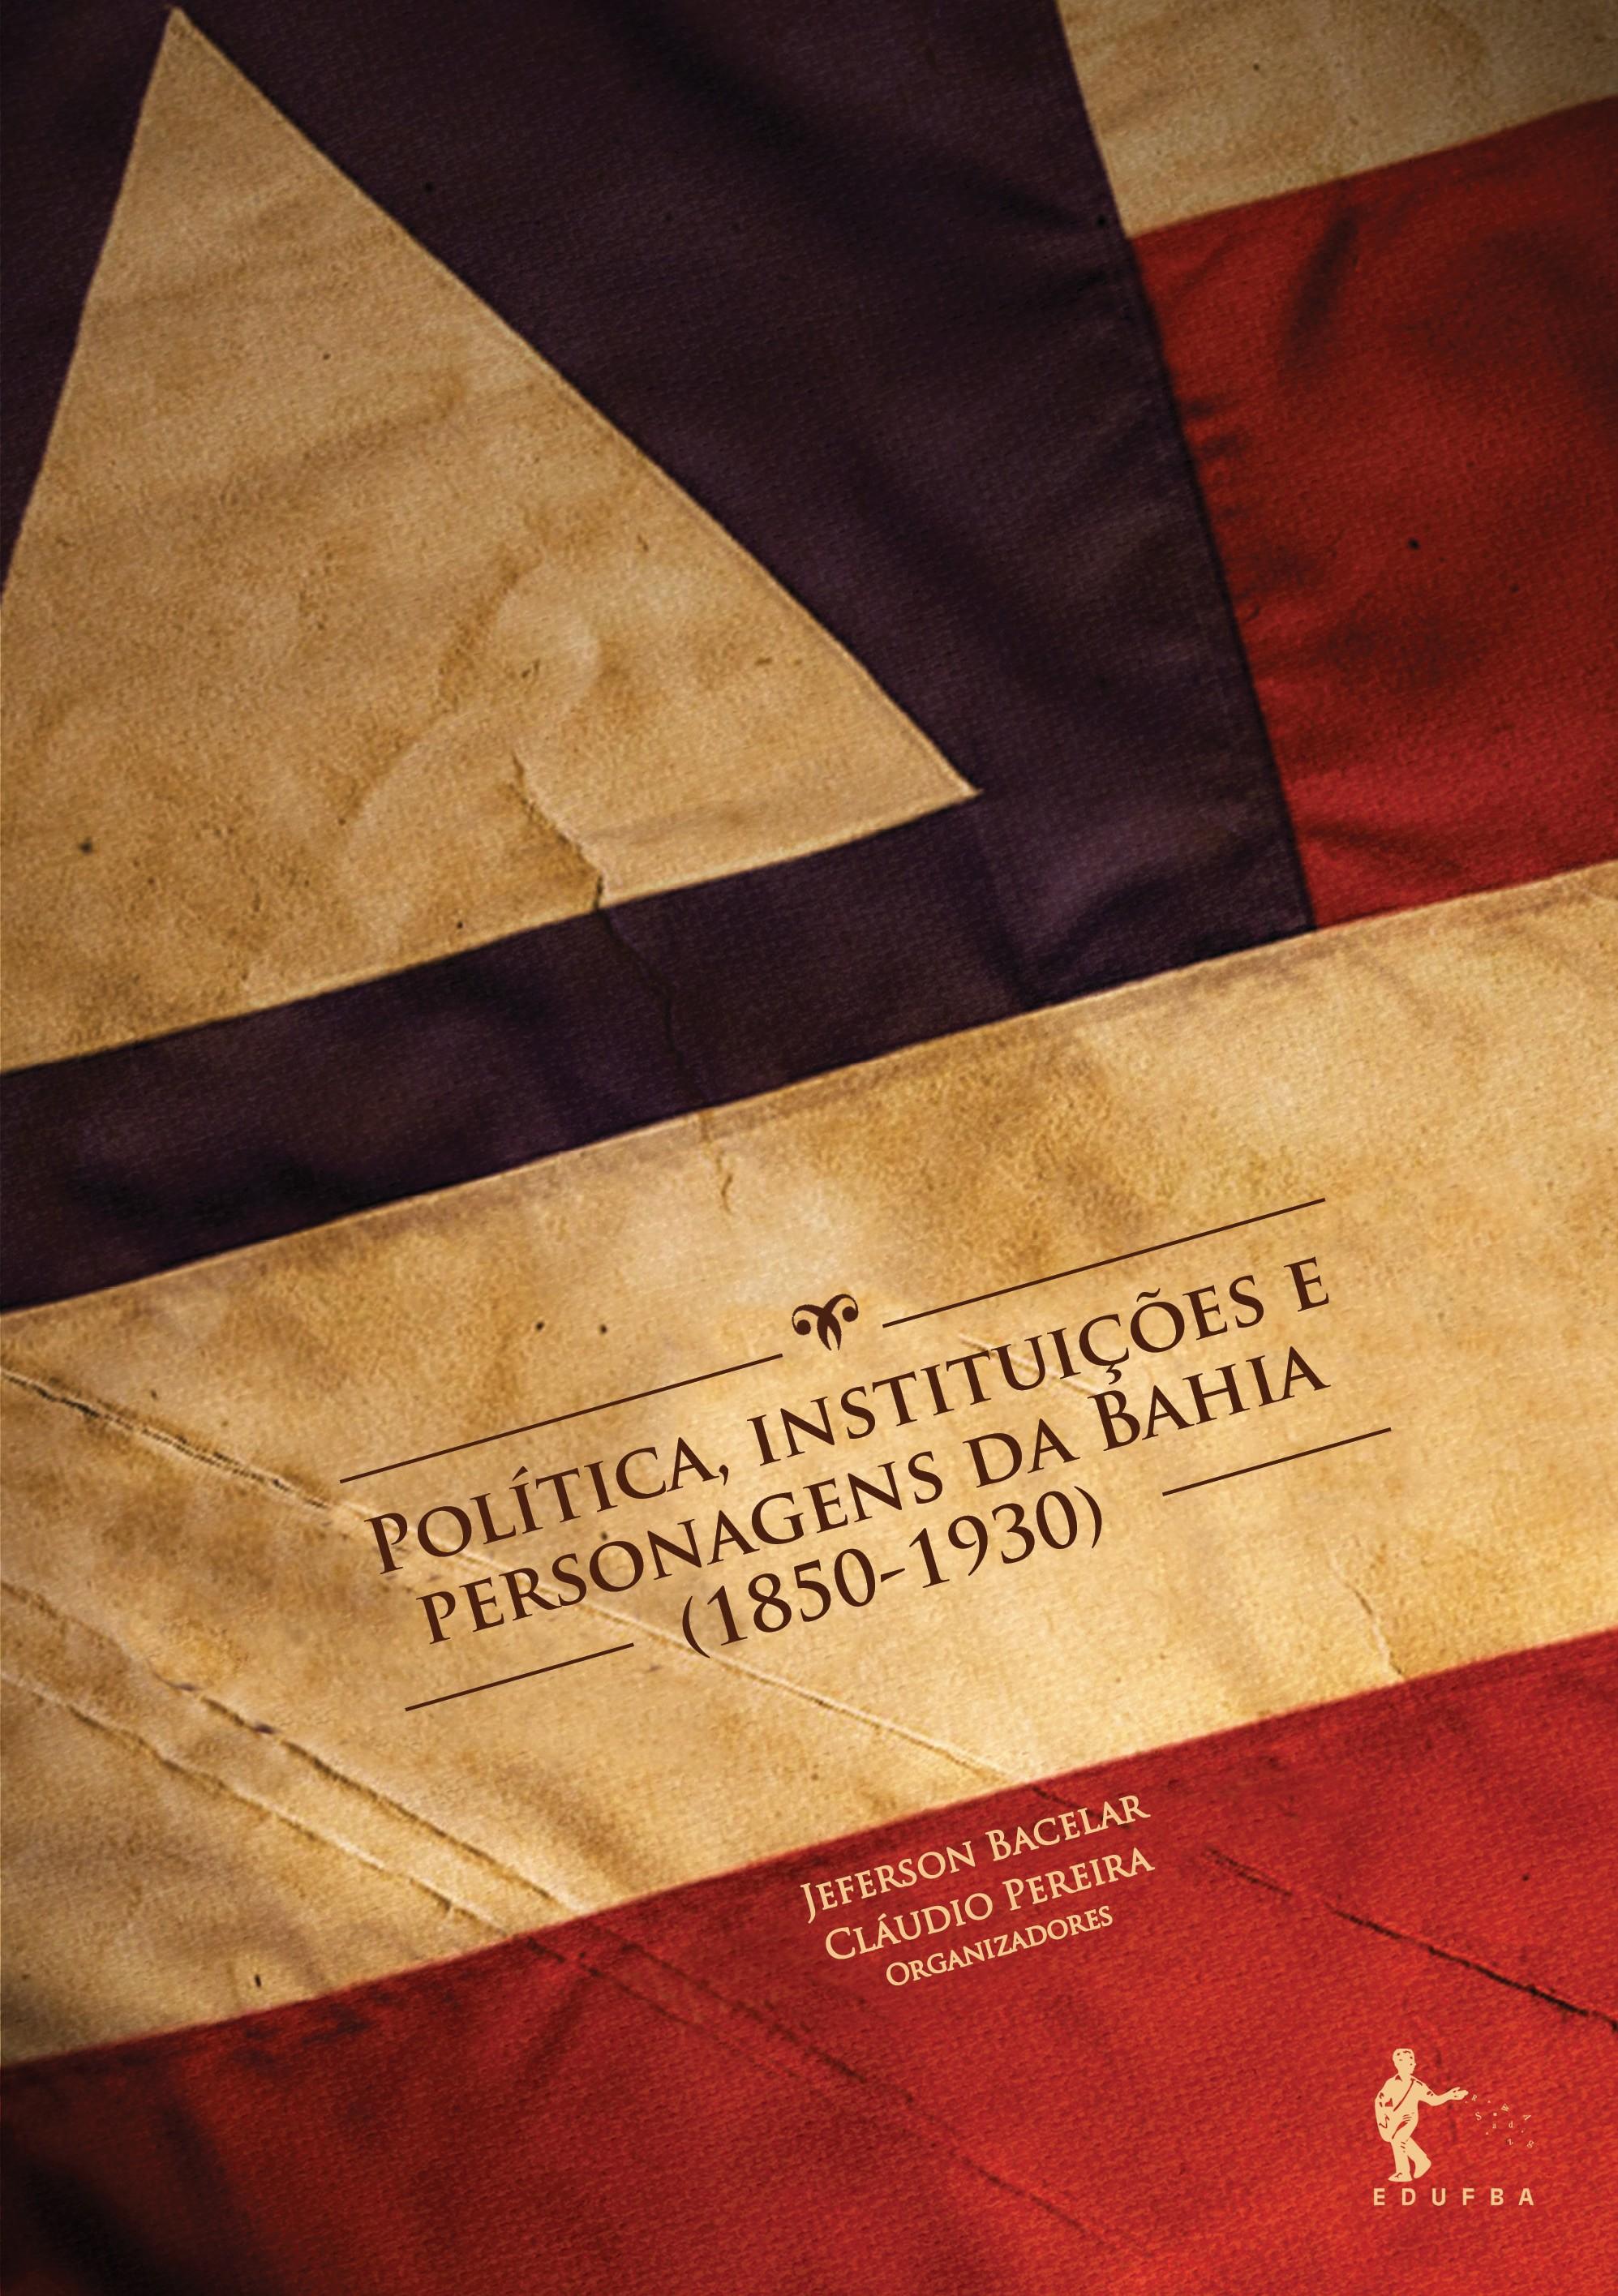 Política, instituições e personagens da Bahia (1850-1930), livro de Jeferson Bacelar e Cláudio Pereira (orgs.)